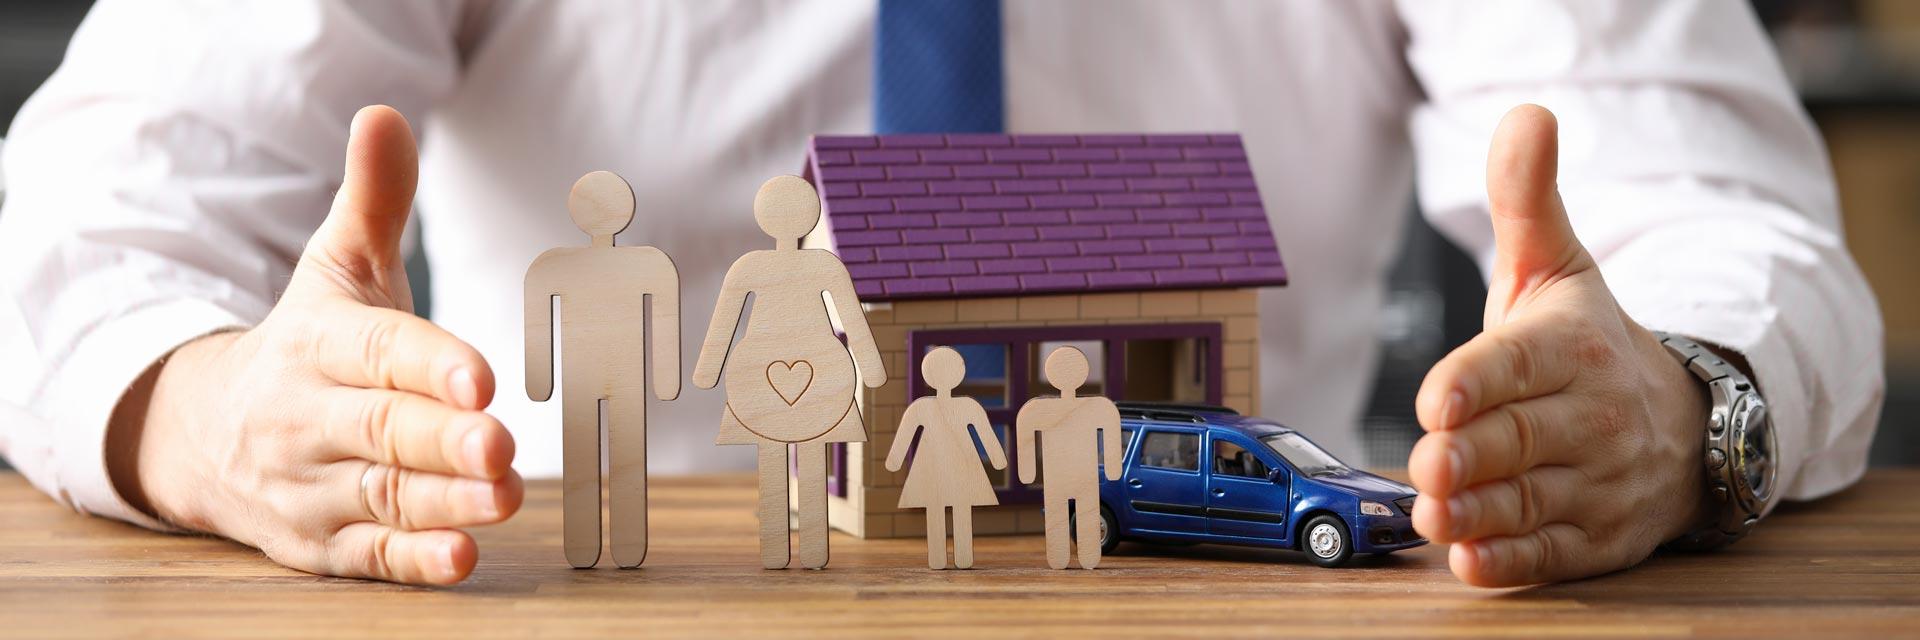 Abi e Associazioni dei Consumatori su accesso al credito e sostegno a famiglie